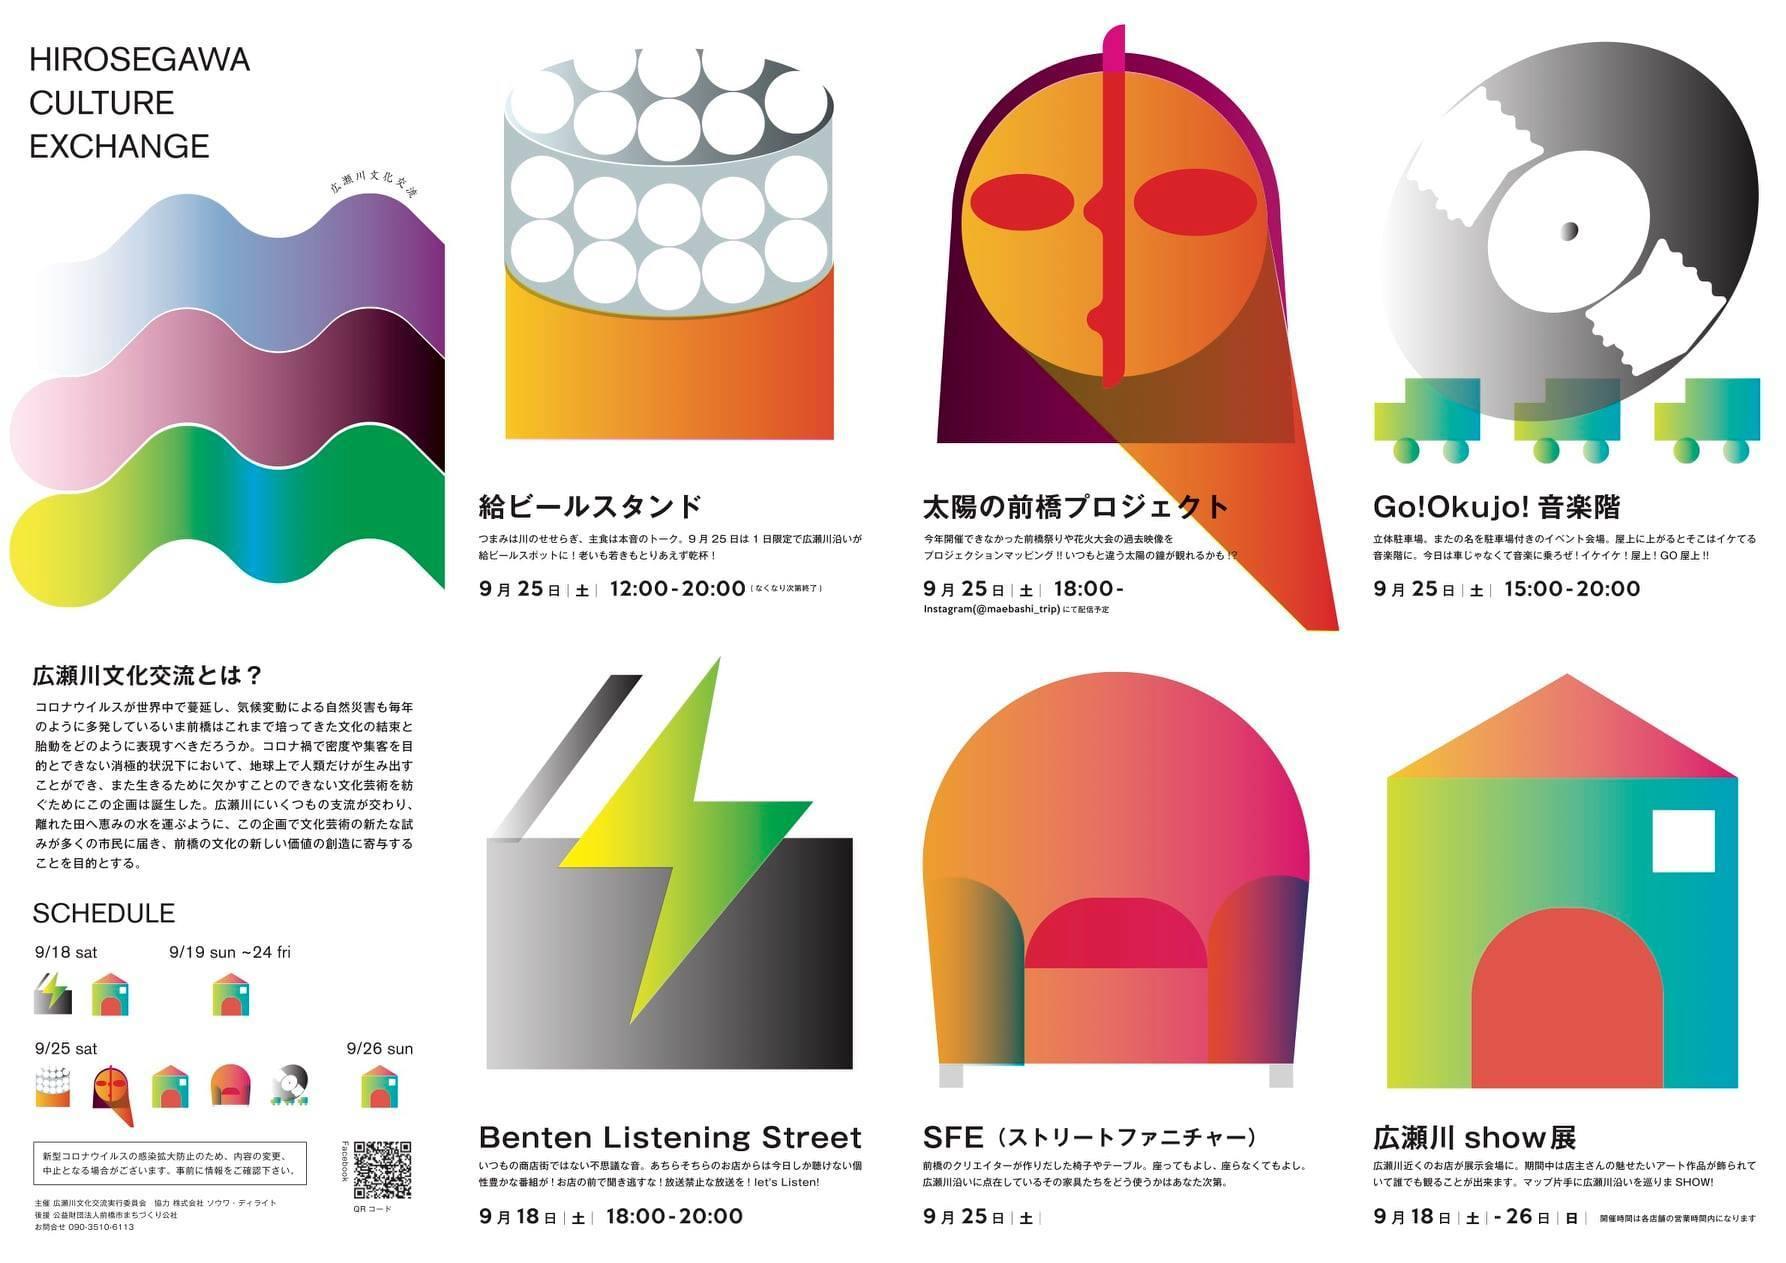 広瀬川文化交流   ~ 9月26日(日)_e0187286_20563239.jpg